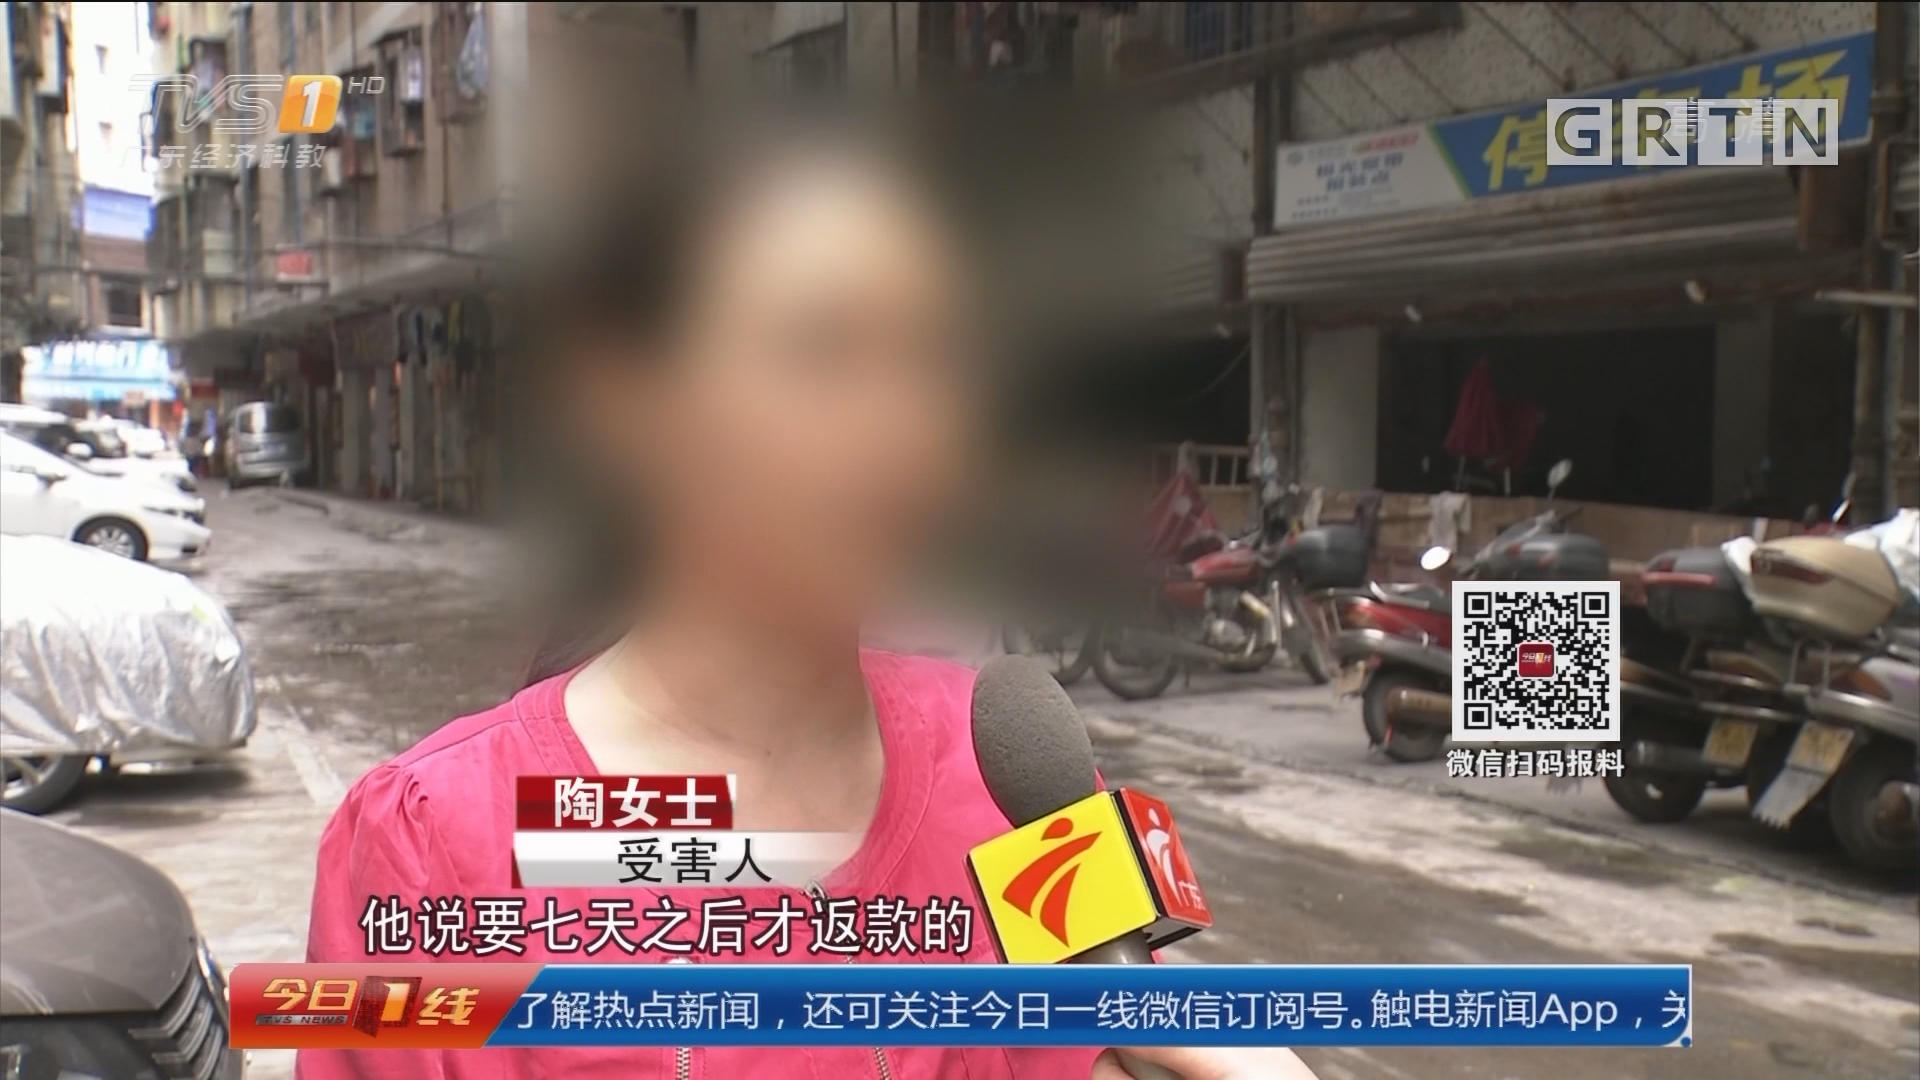 广州花都:千人刷单被骗 警方介入调查